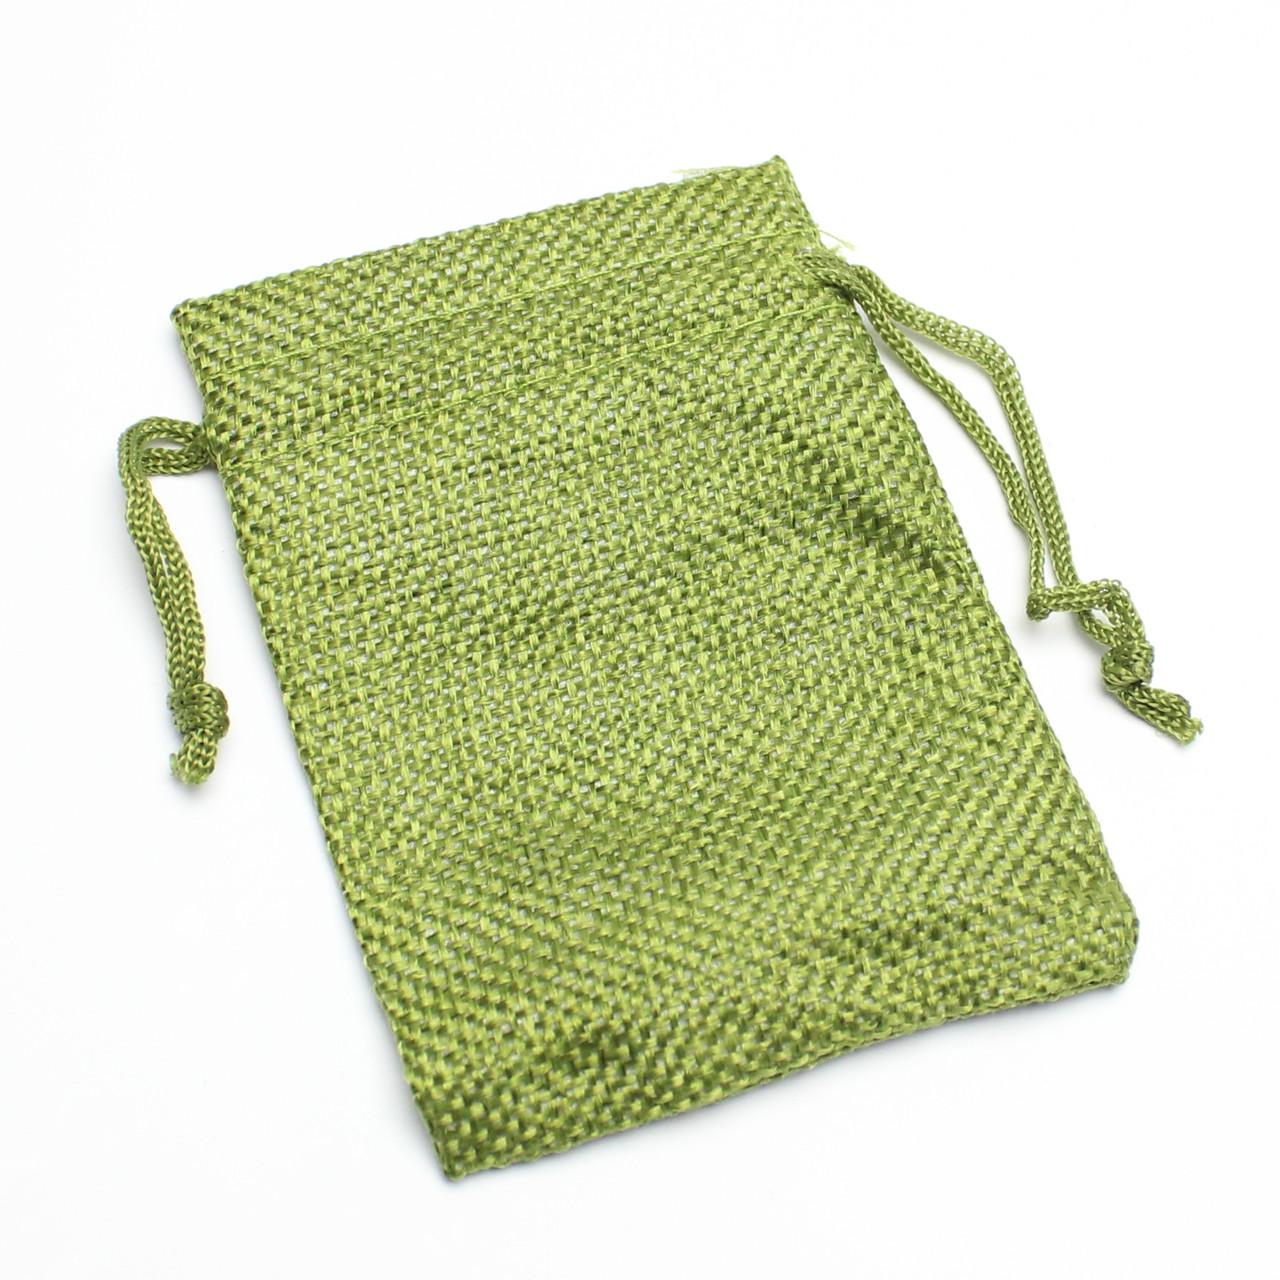 Мешок тканевый лен зеленый  7/9 см